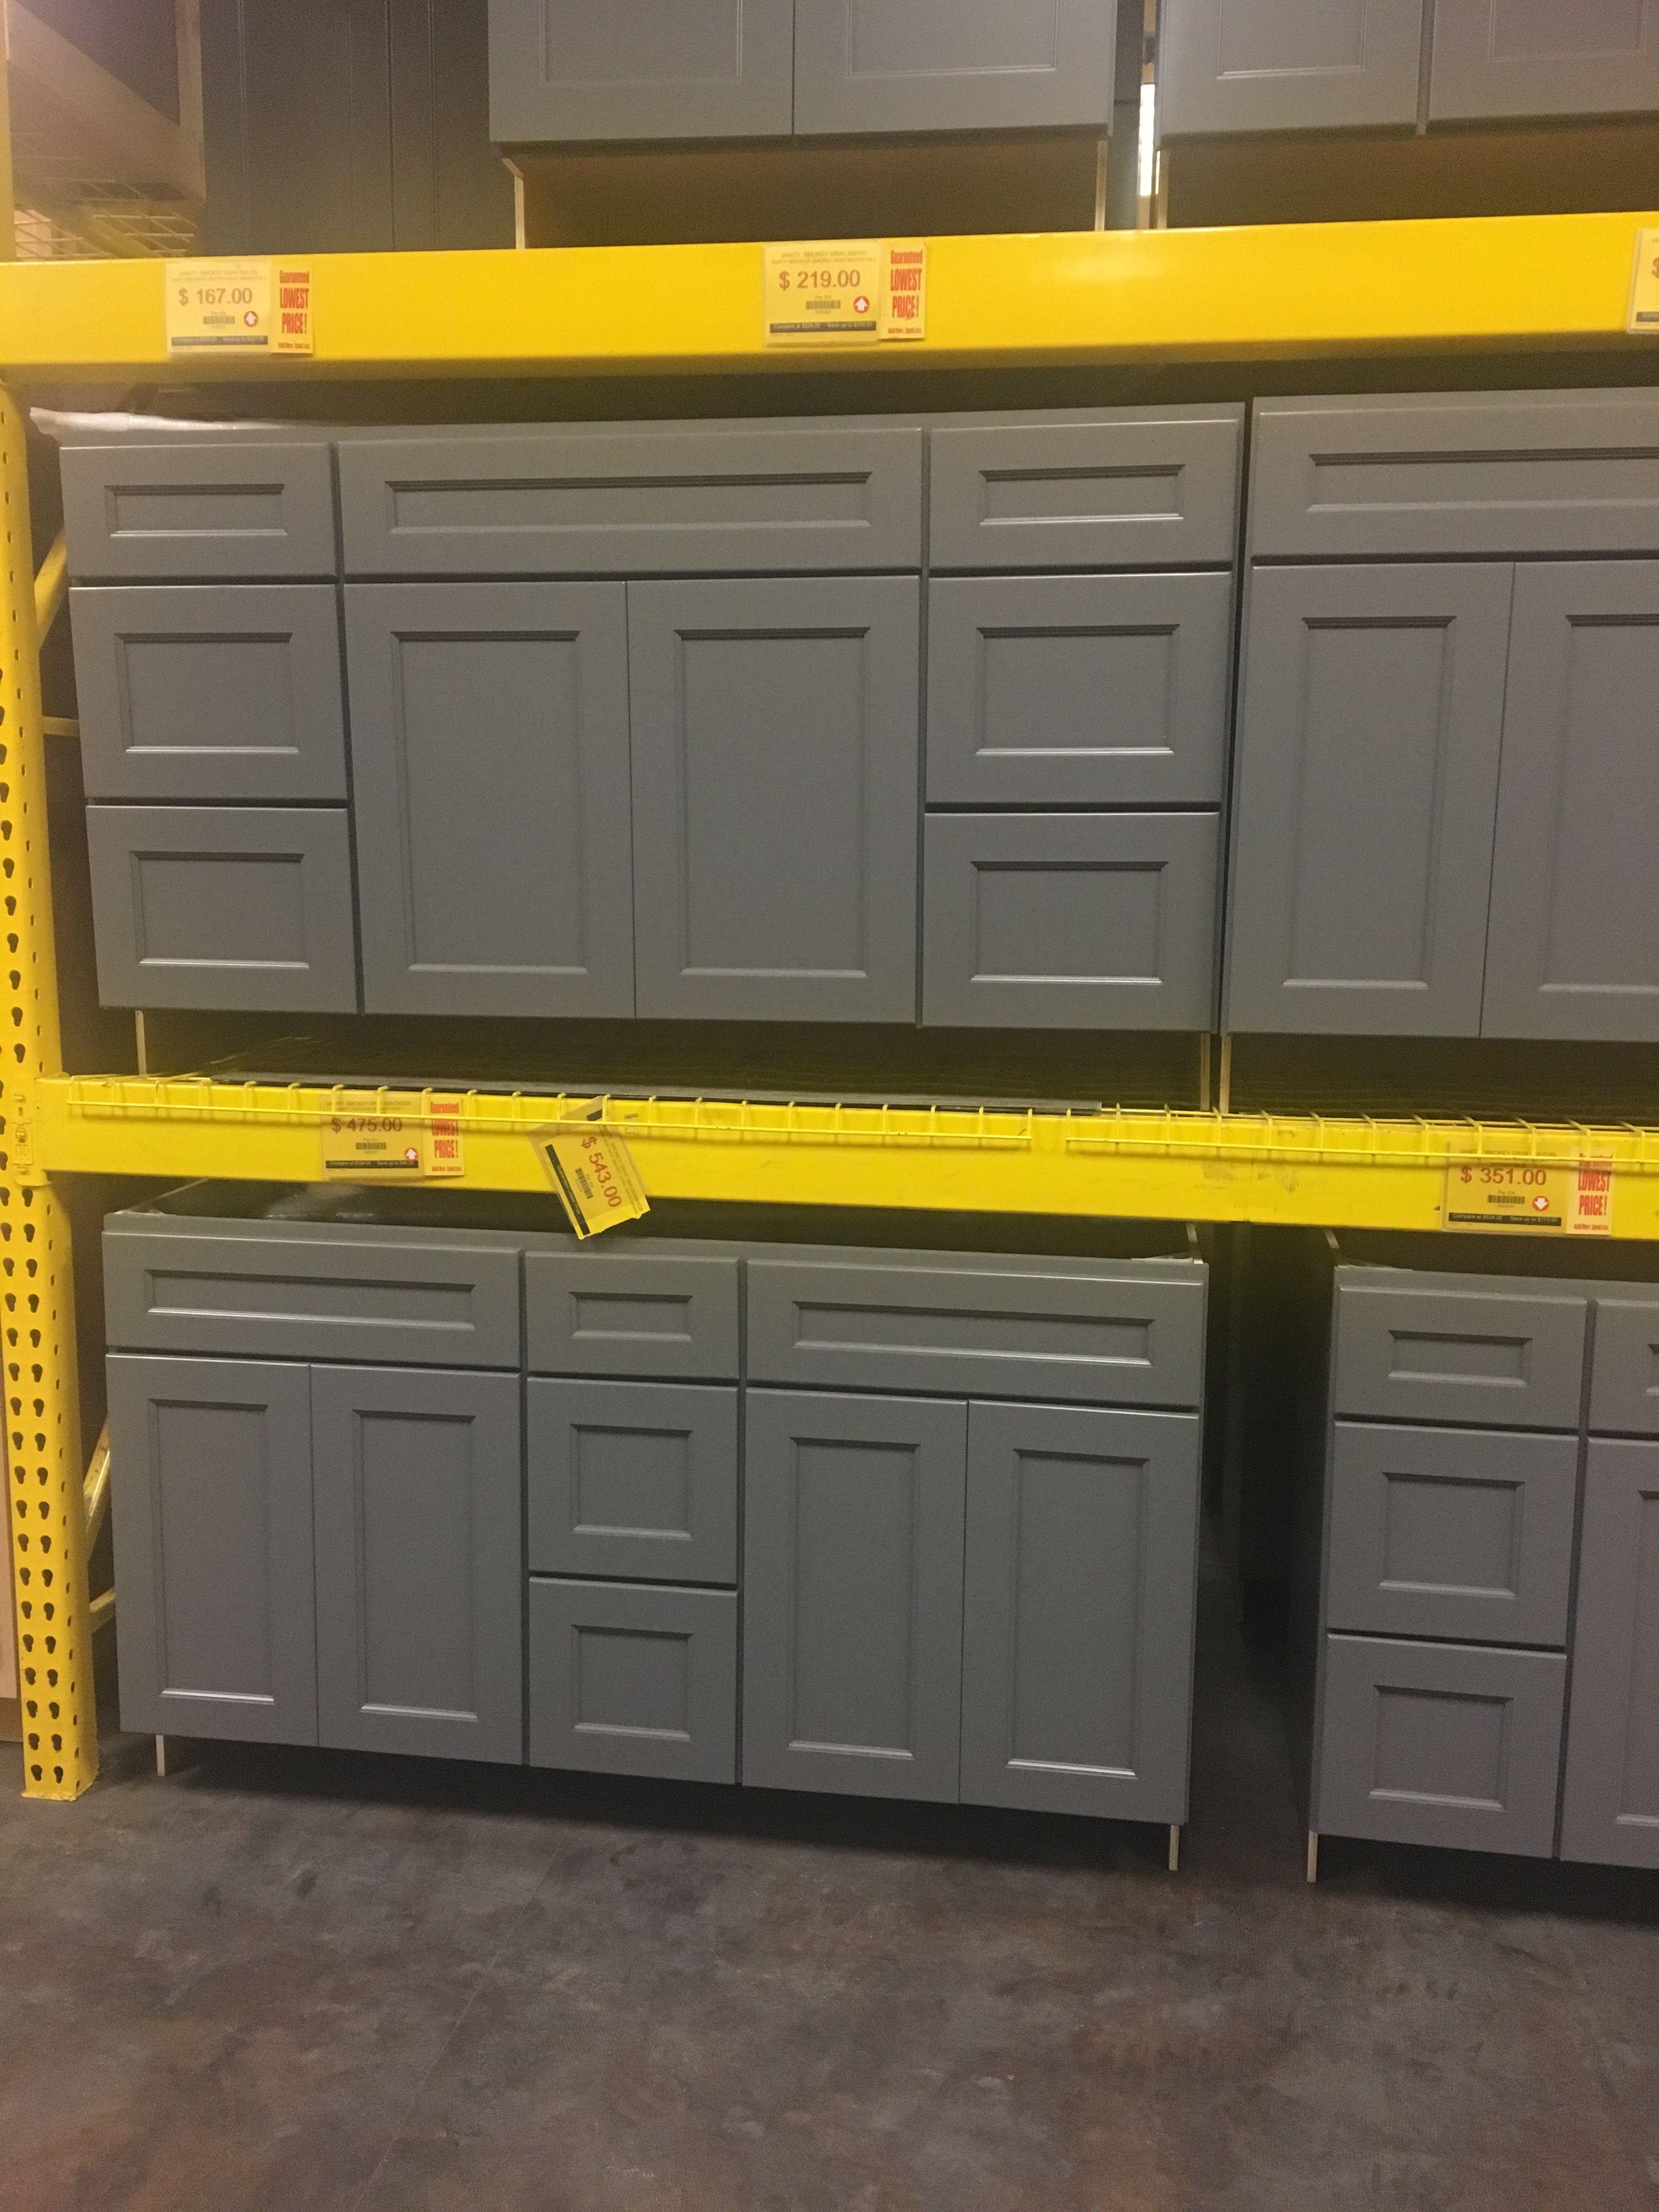 Surplus Warehouse Home Decor Kitchen Kitchen Cabinets